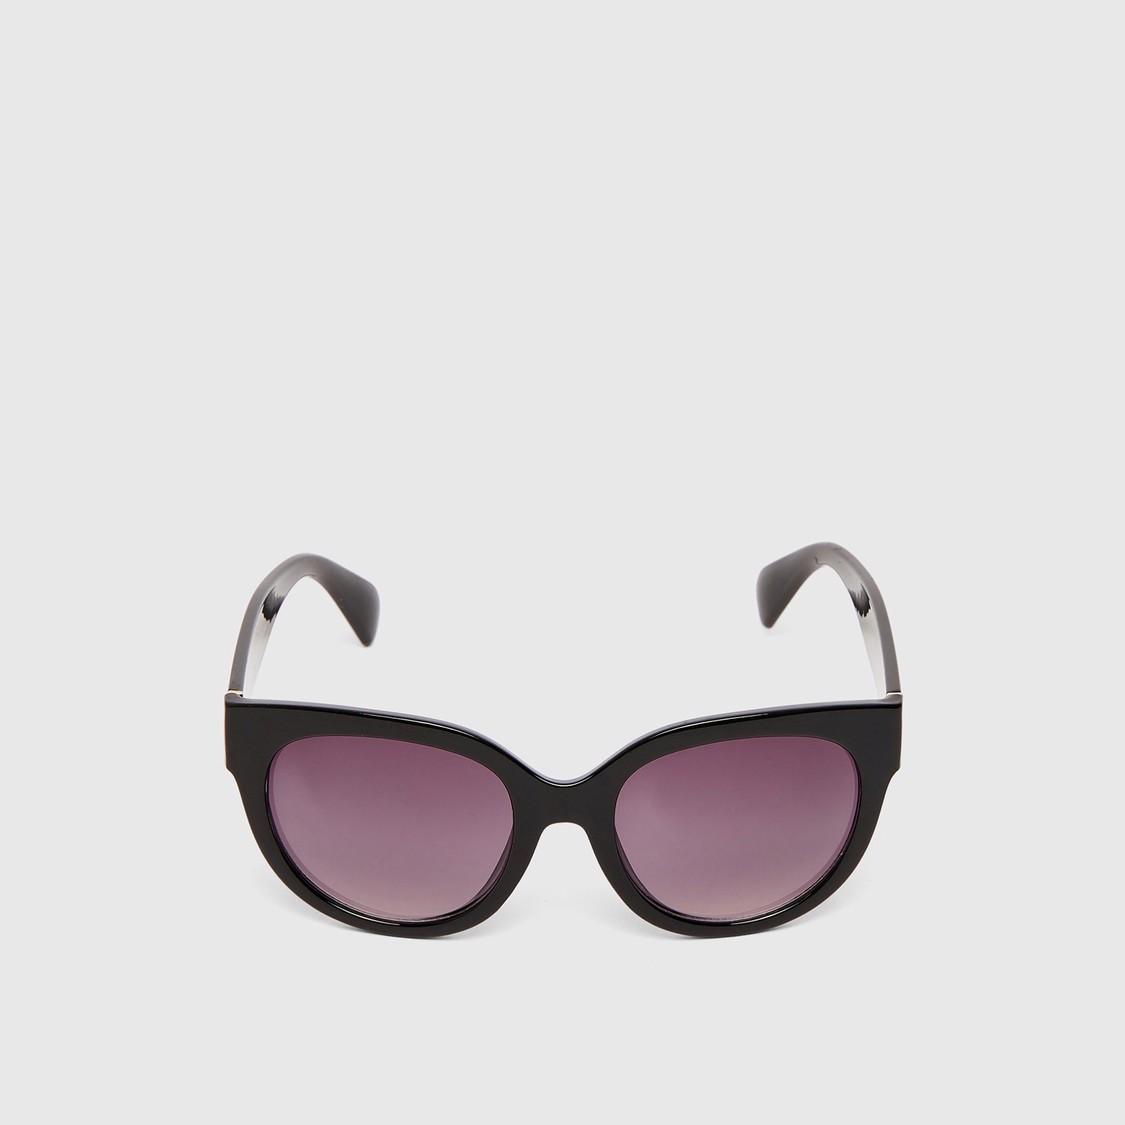 Full Rim Tinted Sunglasses